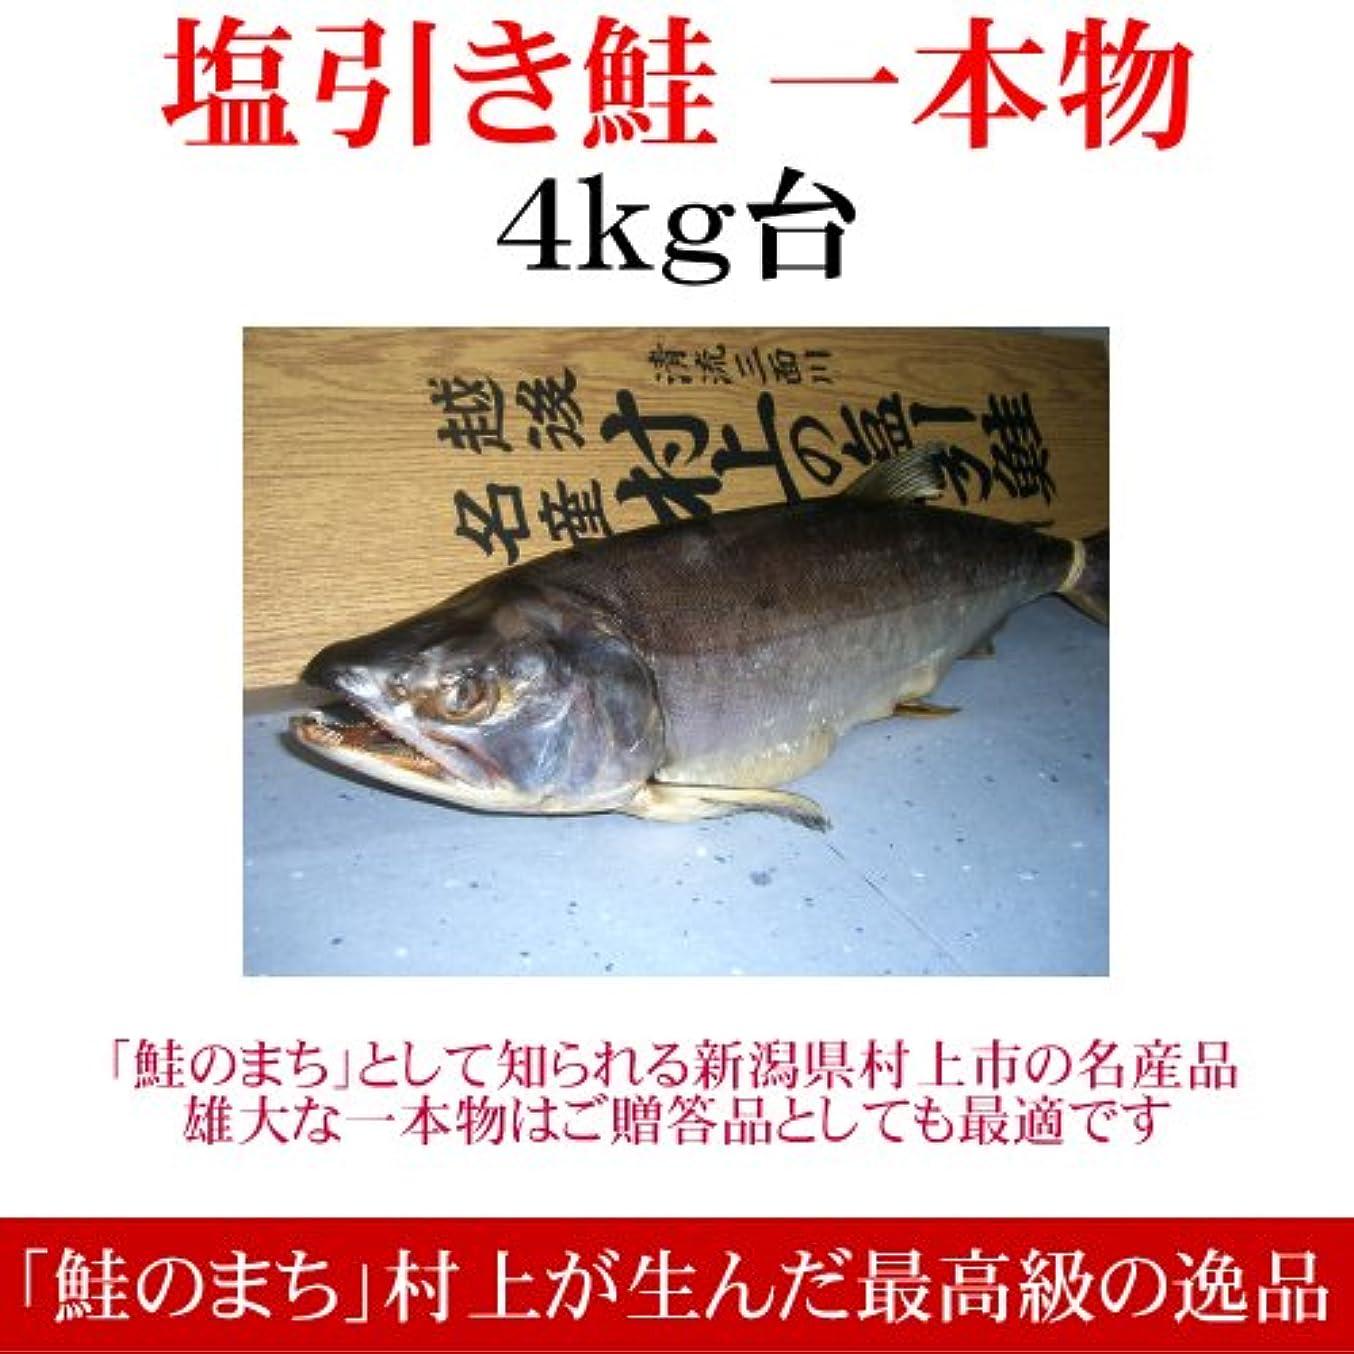 凍結退院注入する[引越し祝い]塩引き鮭(一本物)4kg台 越後村上の名産品です[全国送料無料?新潟の特産品]